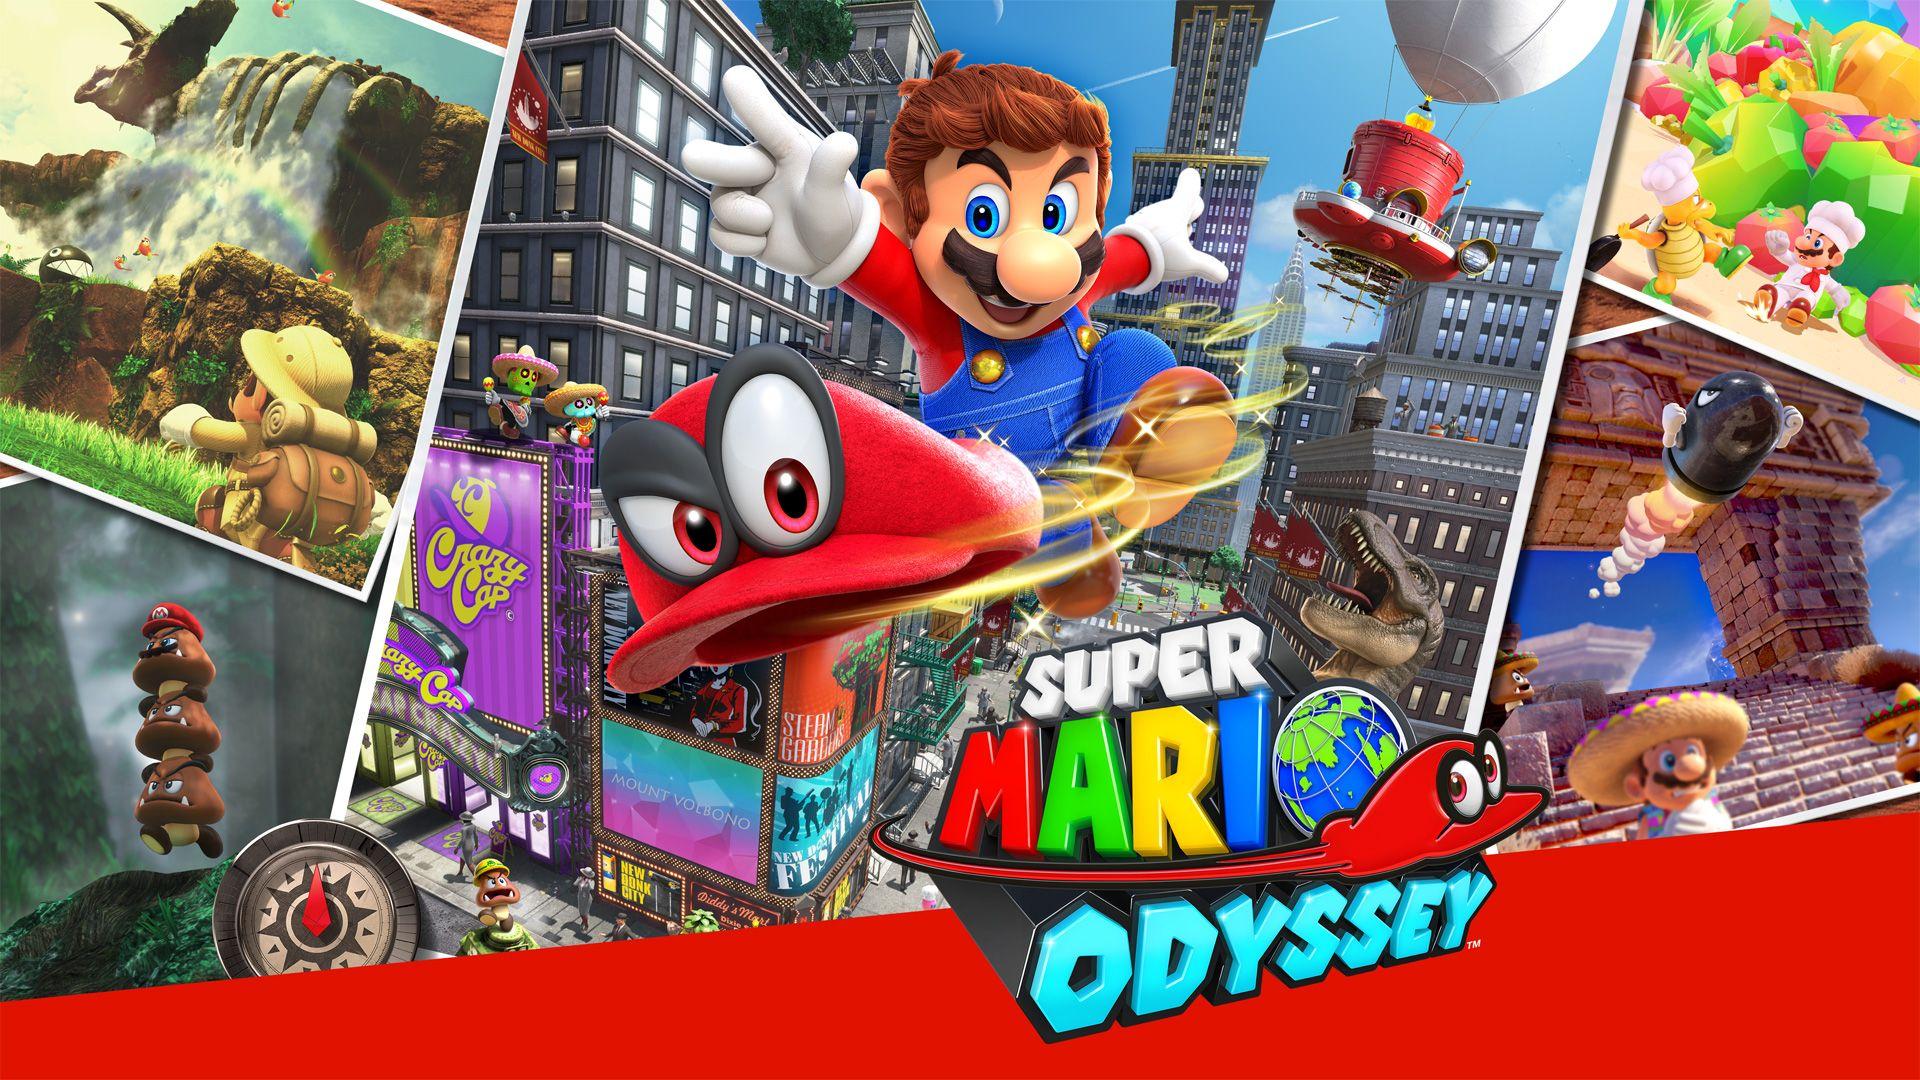 Super Mario Odyssey é um dos jogos do Nintendo Switch de destaque (Foto: Divulgação/Nintendo)